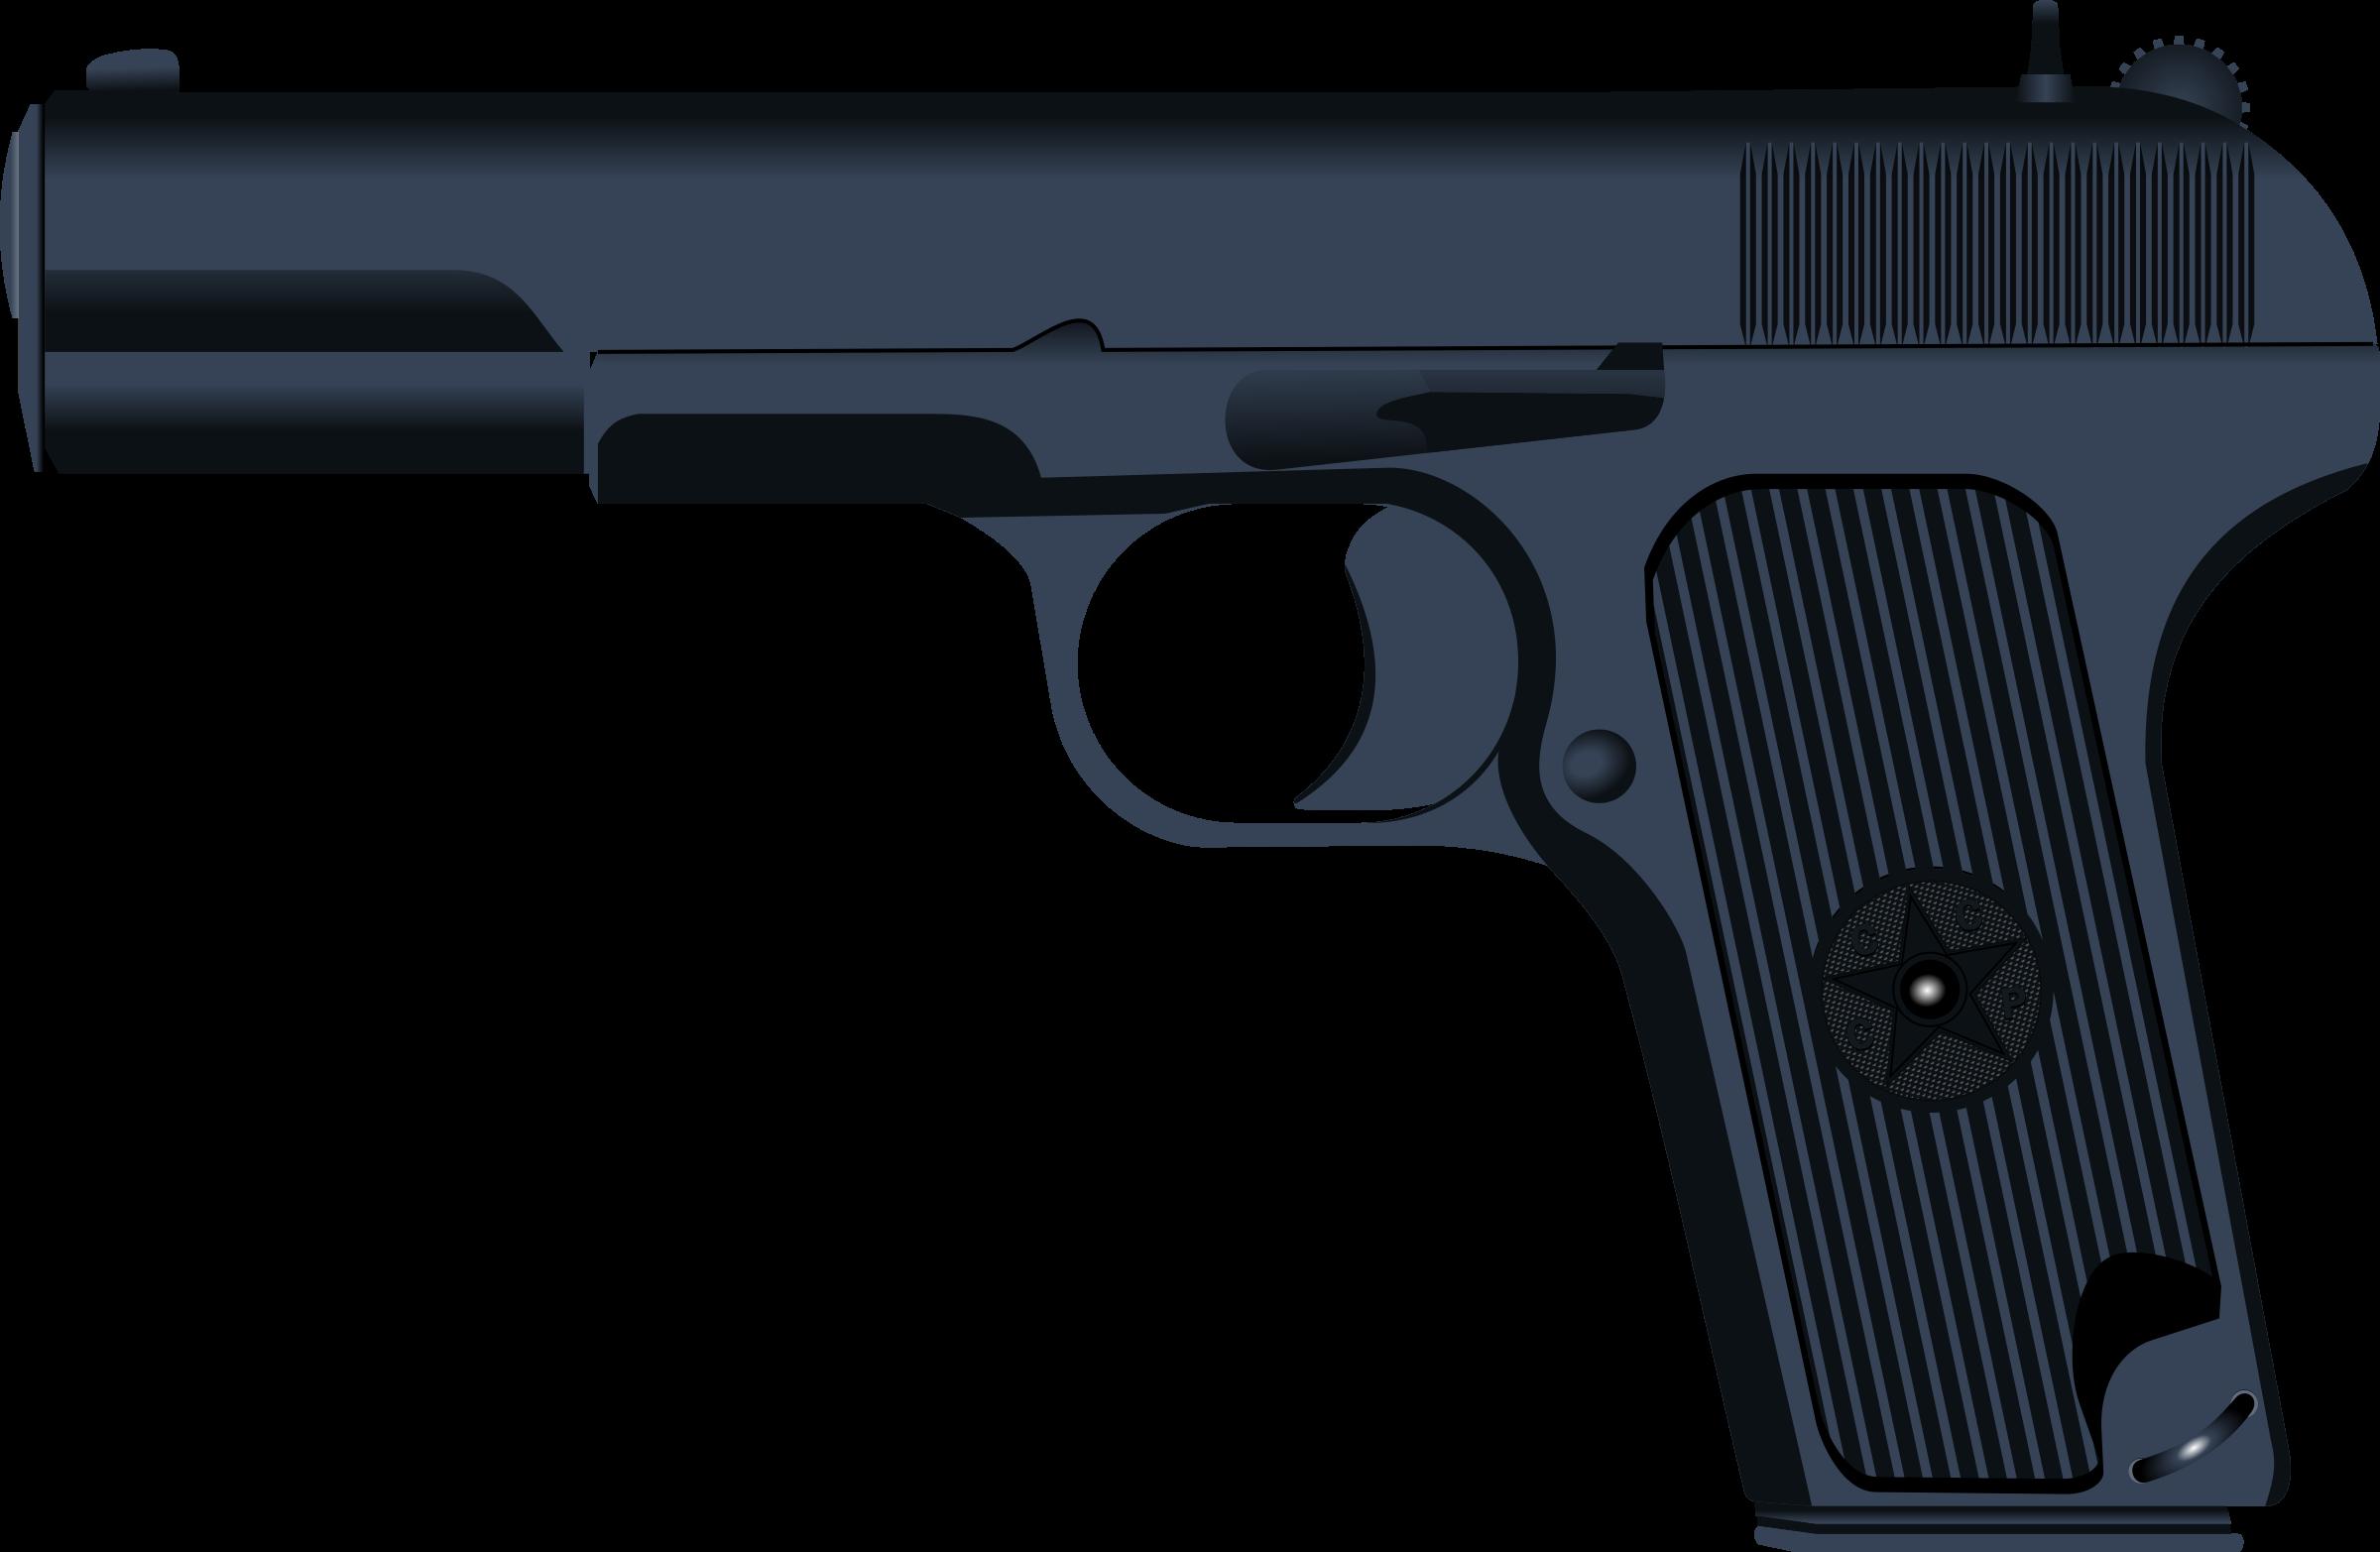 Guns pistol